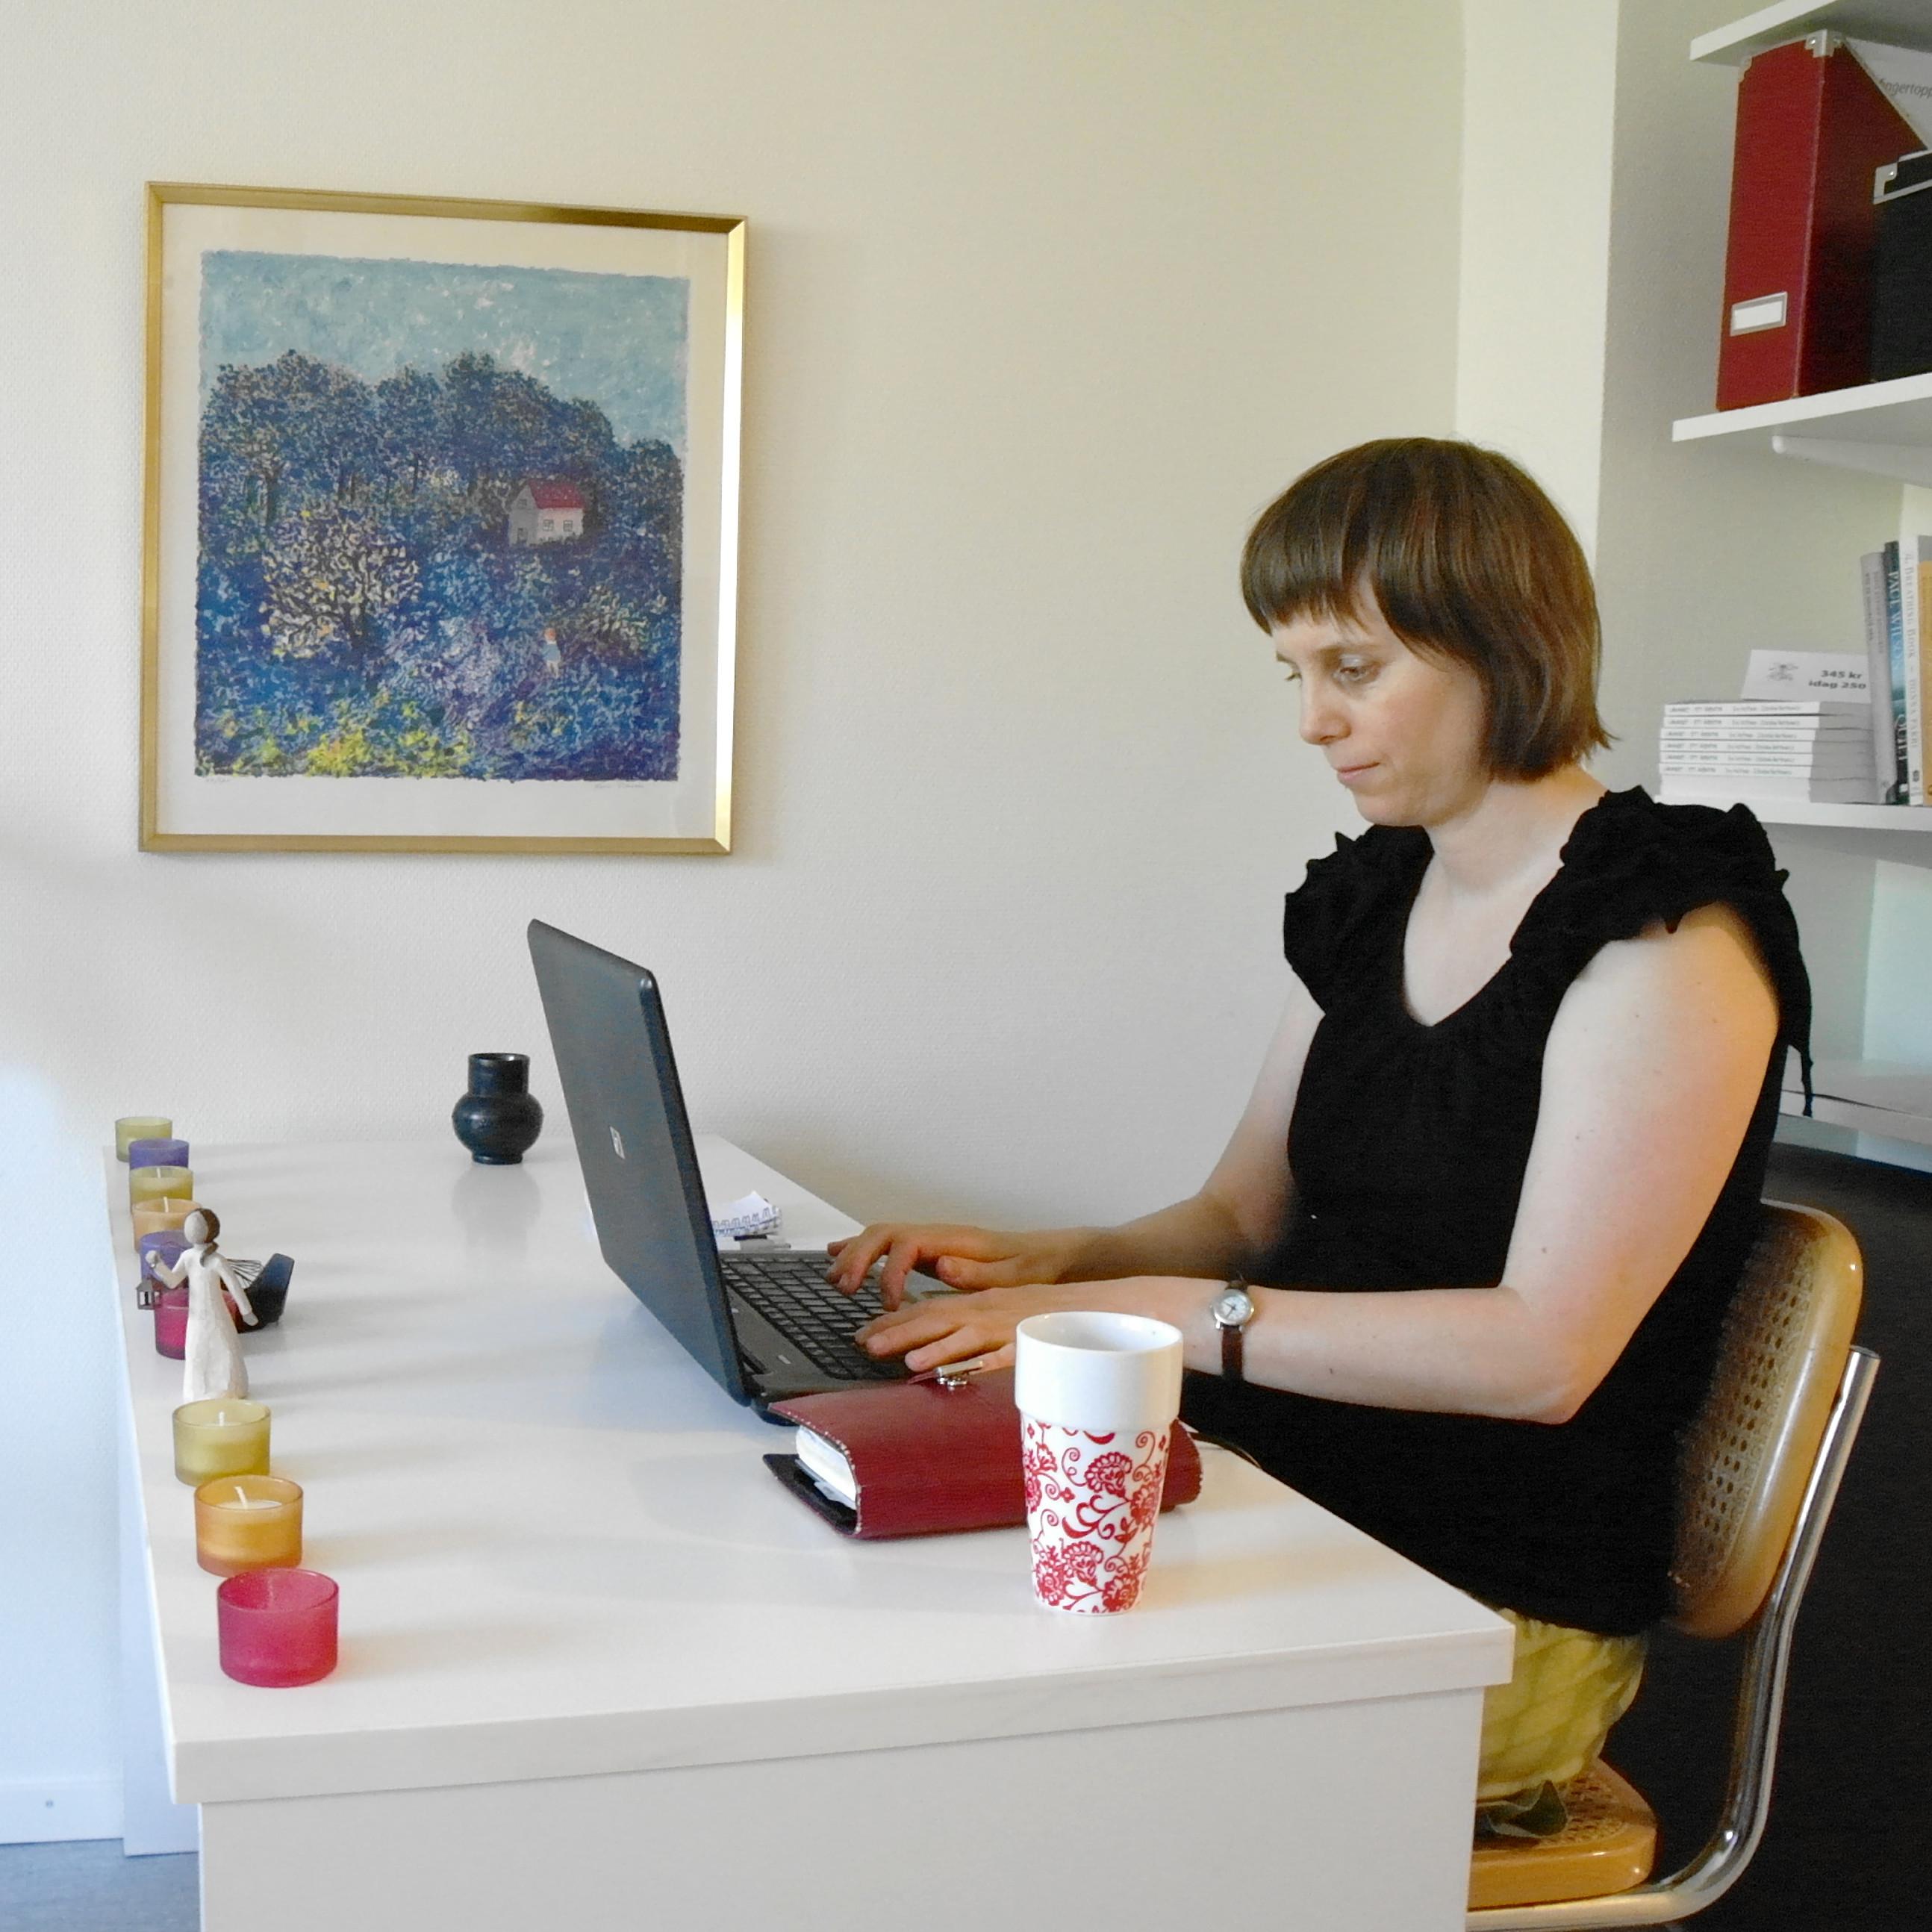 Hyr kontor Coworking space i centrala Umeå